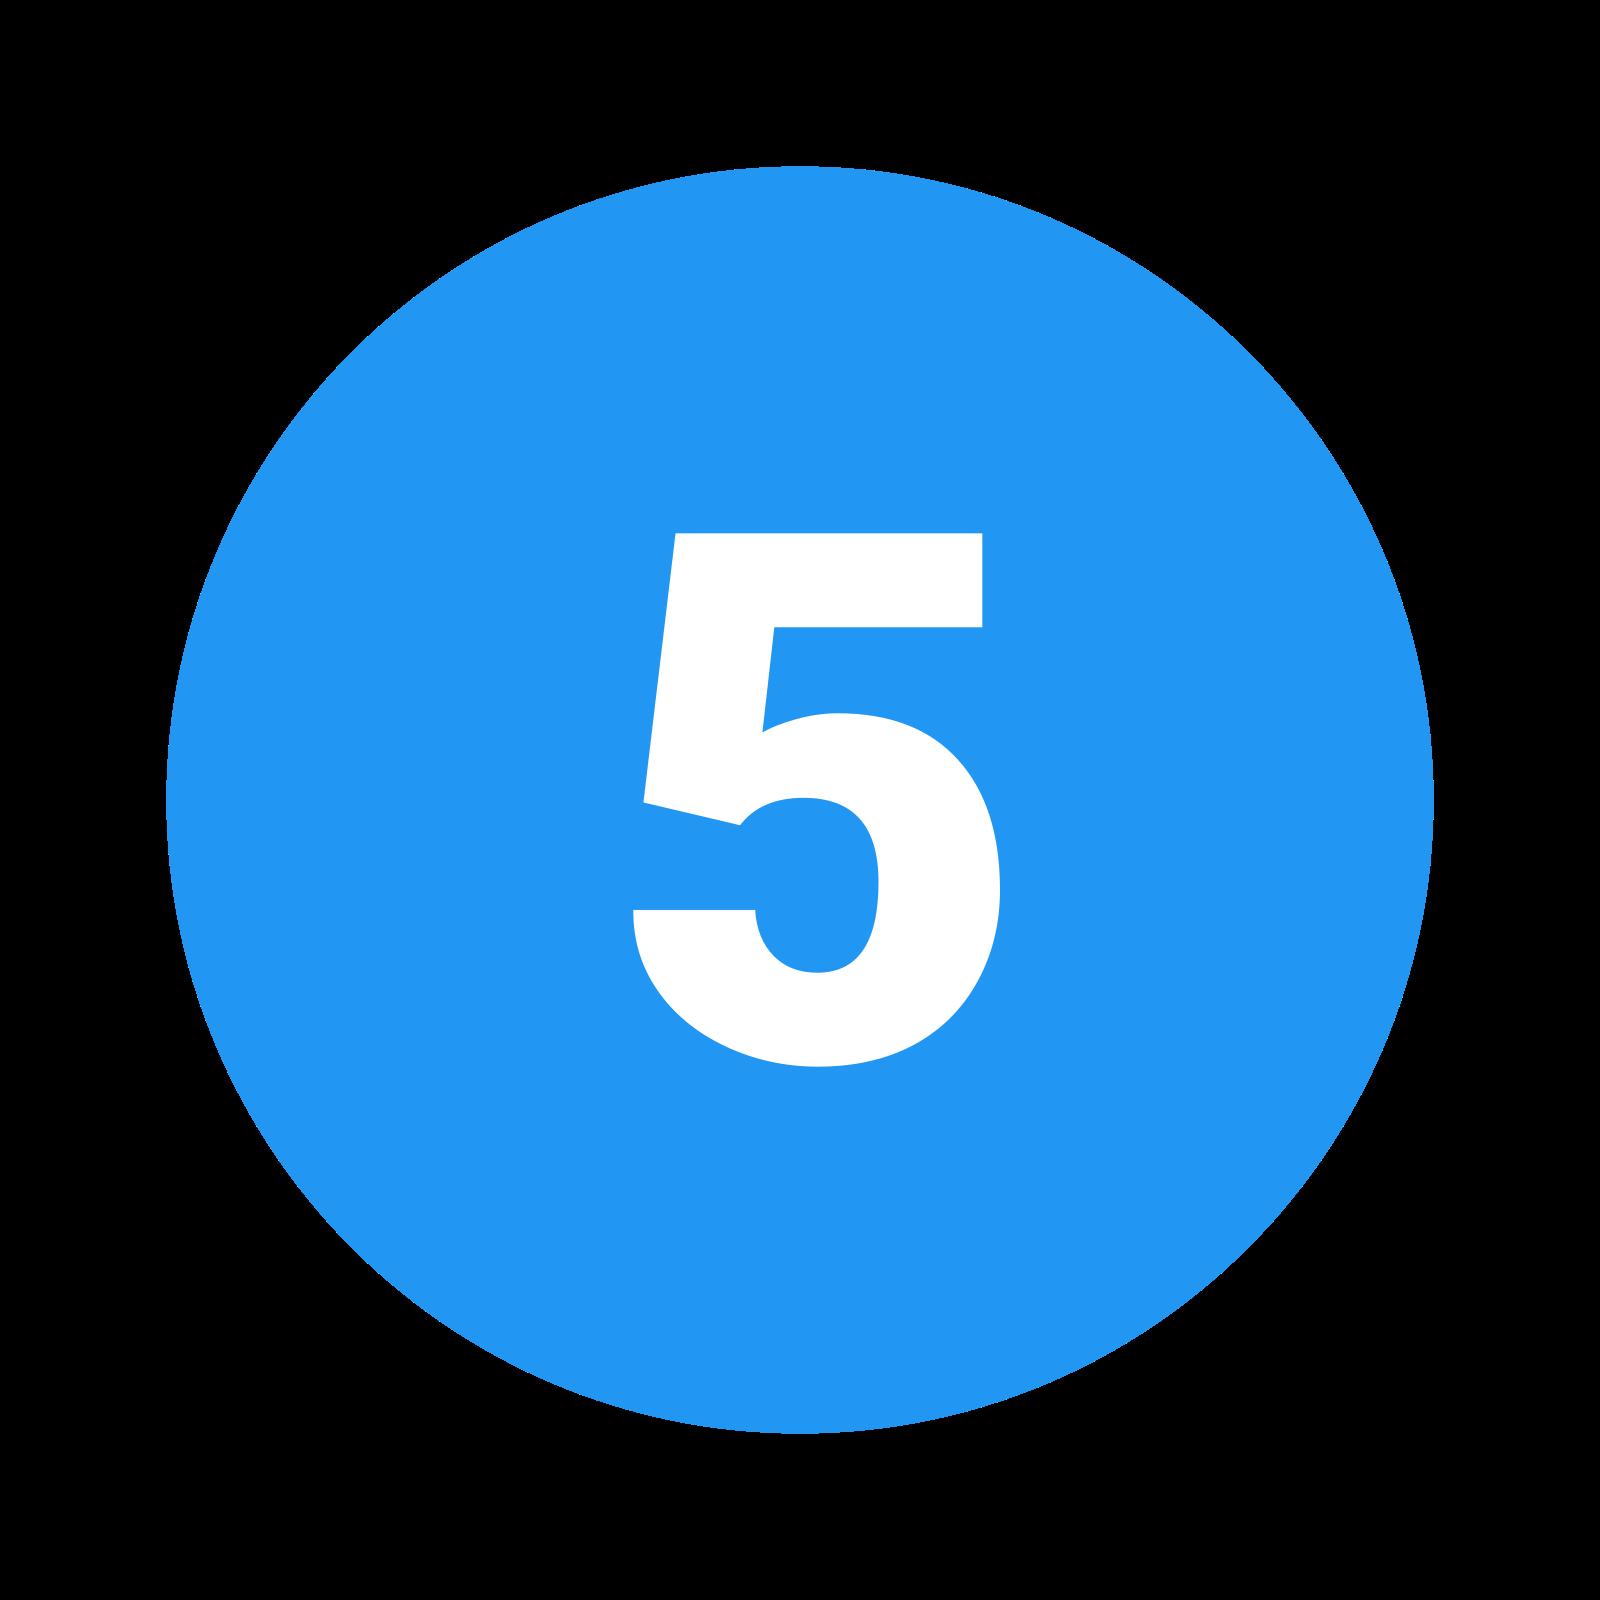 Circled 5 C icon